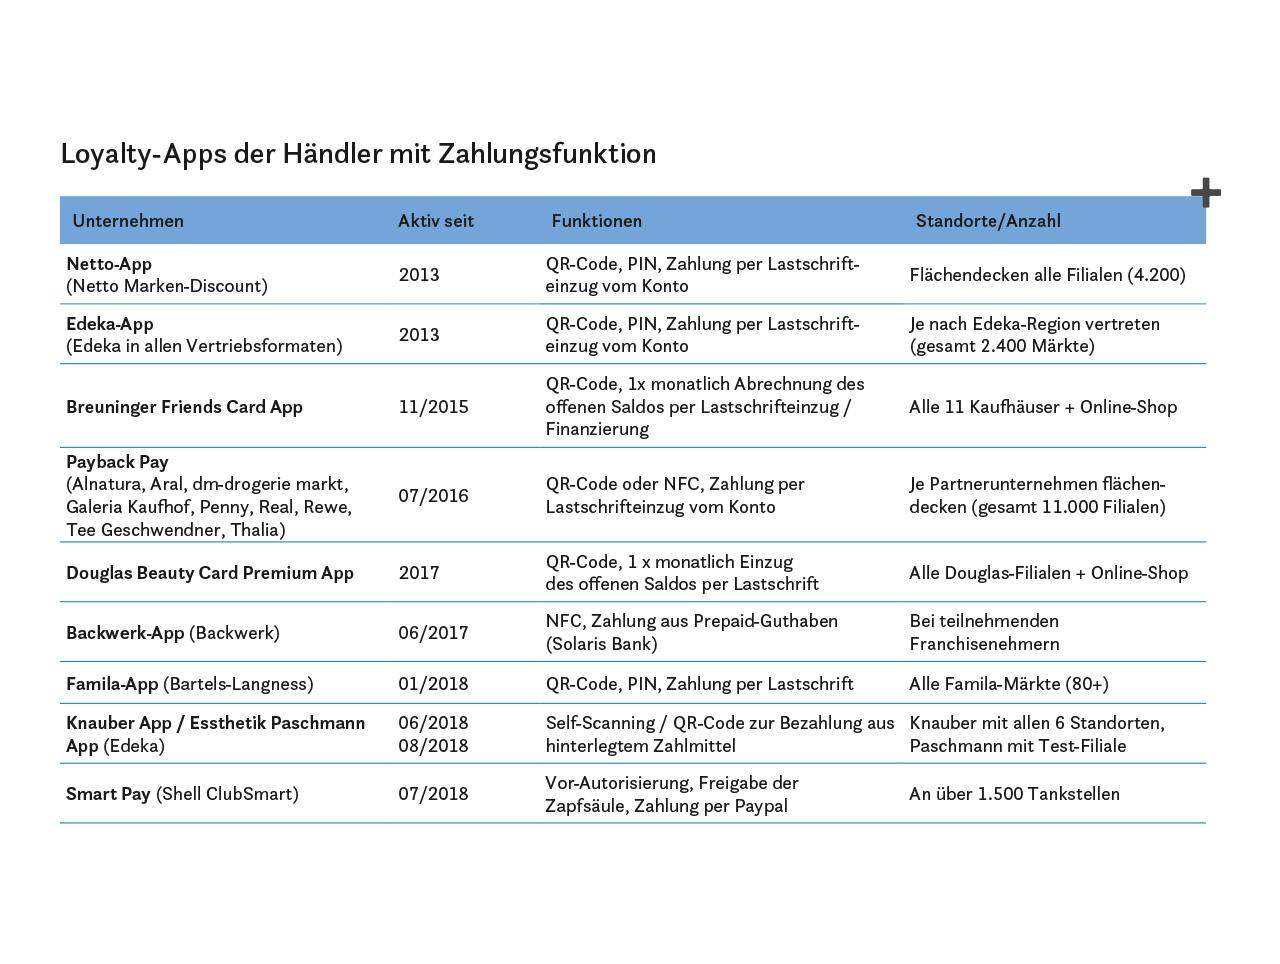 Loyalty-Apps der Händler mit Zahlungsfunktion